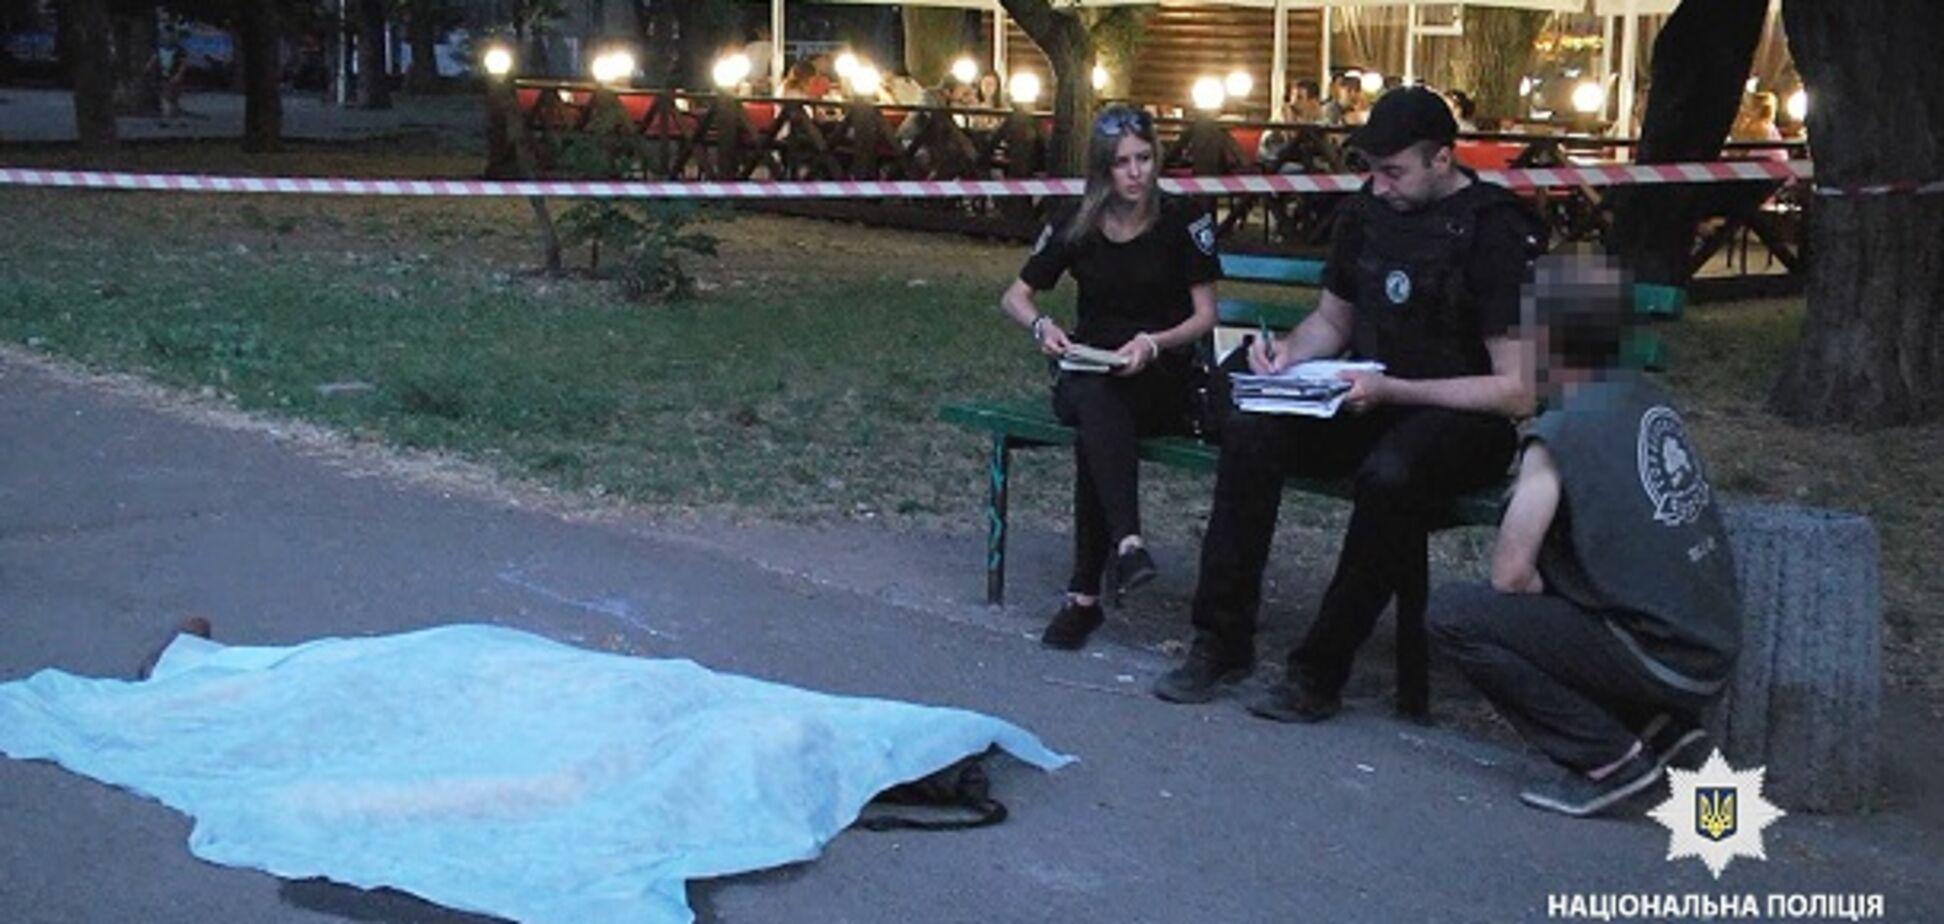 В Одесі чоловік забив до смерті безхатченкана очах у дітей: фото та відео